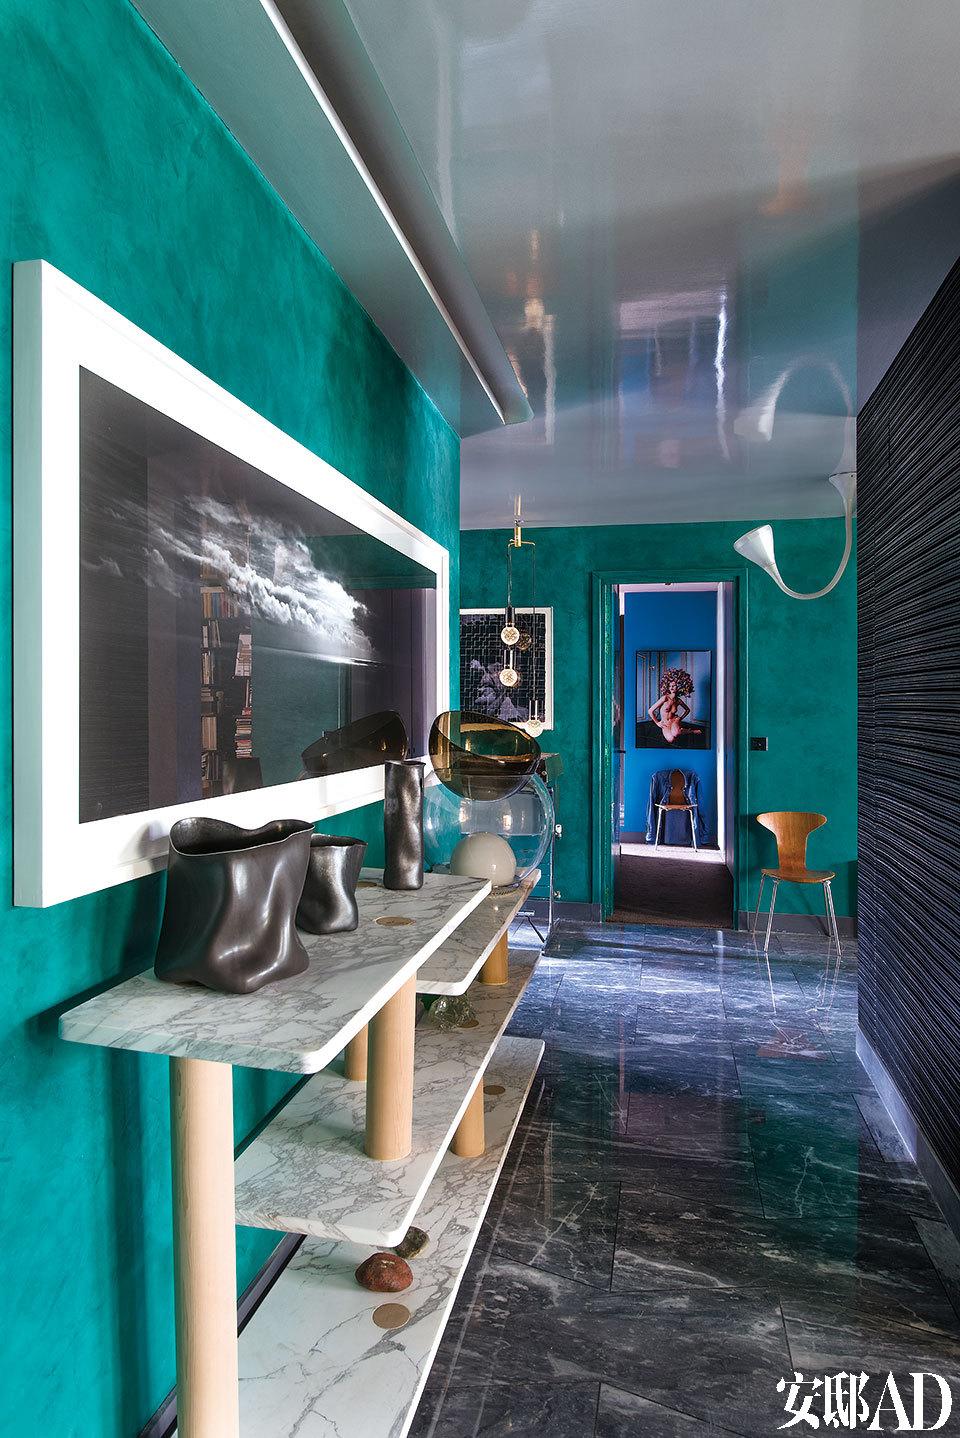 """门厅墙面采用维罗纳绿色织纹树脂,来自Signature Murale;摄影作品""""Electric Cinema IX""""(电动电影院9),作者Tom Fecht。长案是法布里斯的原创设计,大理石桌面,杉木桌腿。三个黑色玻璃瓷花瓶由Hyeyong Kim设计,来自巴黎的Galerie Downtown画廊;天花板灯""""Pipe"""",管子用弹性不锈钢制成,由Herzog & De Meuron设计。"""